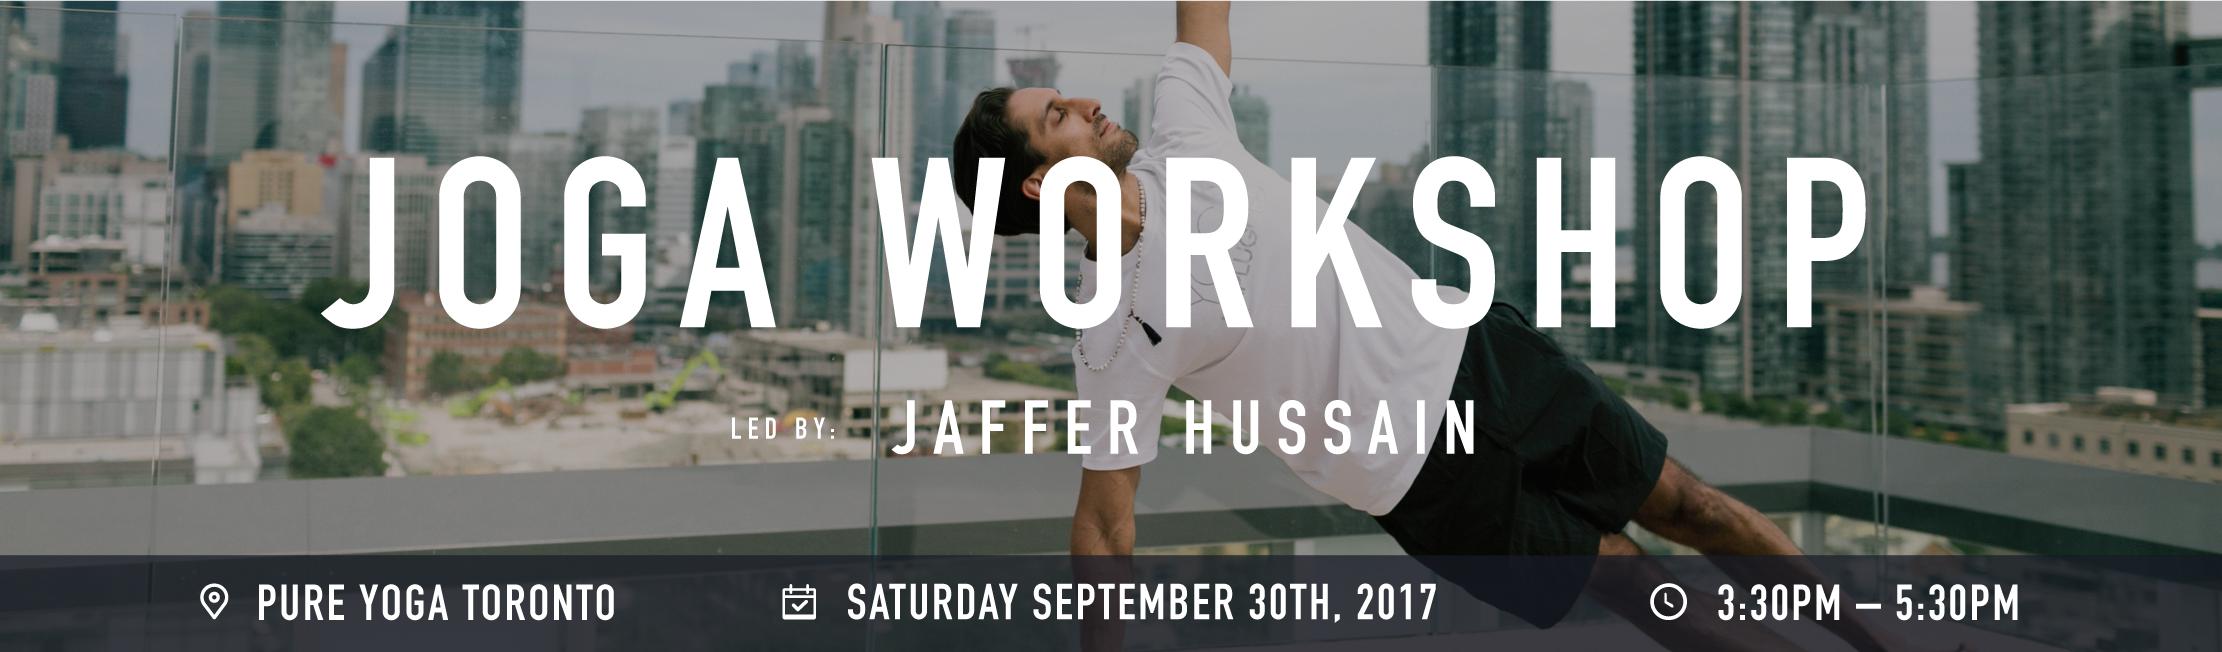 Joga workshop banner